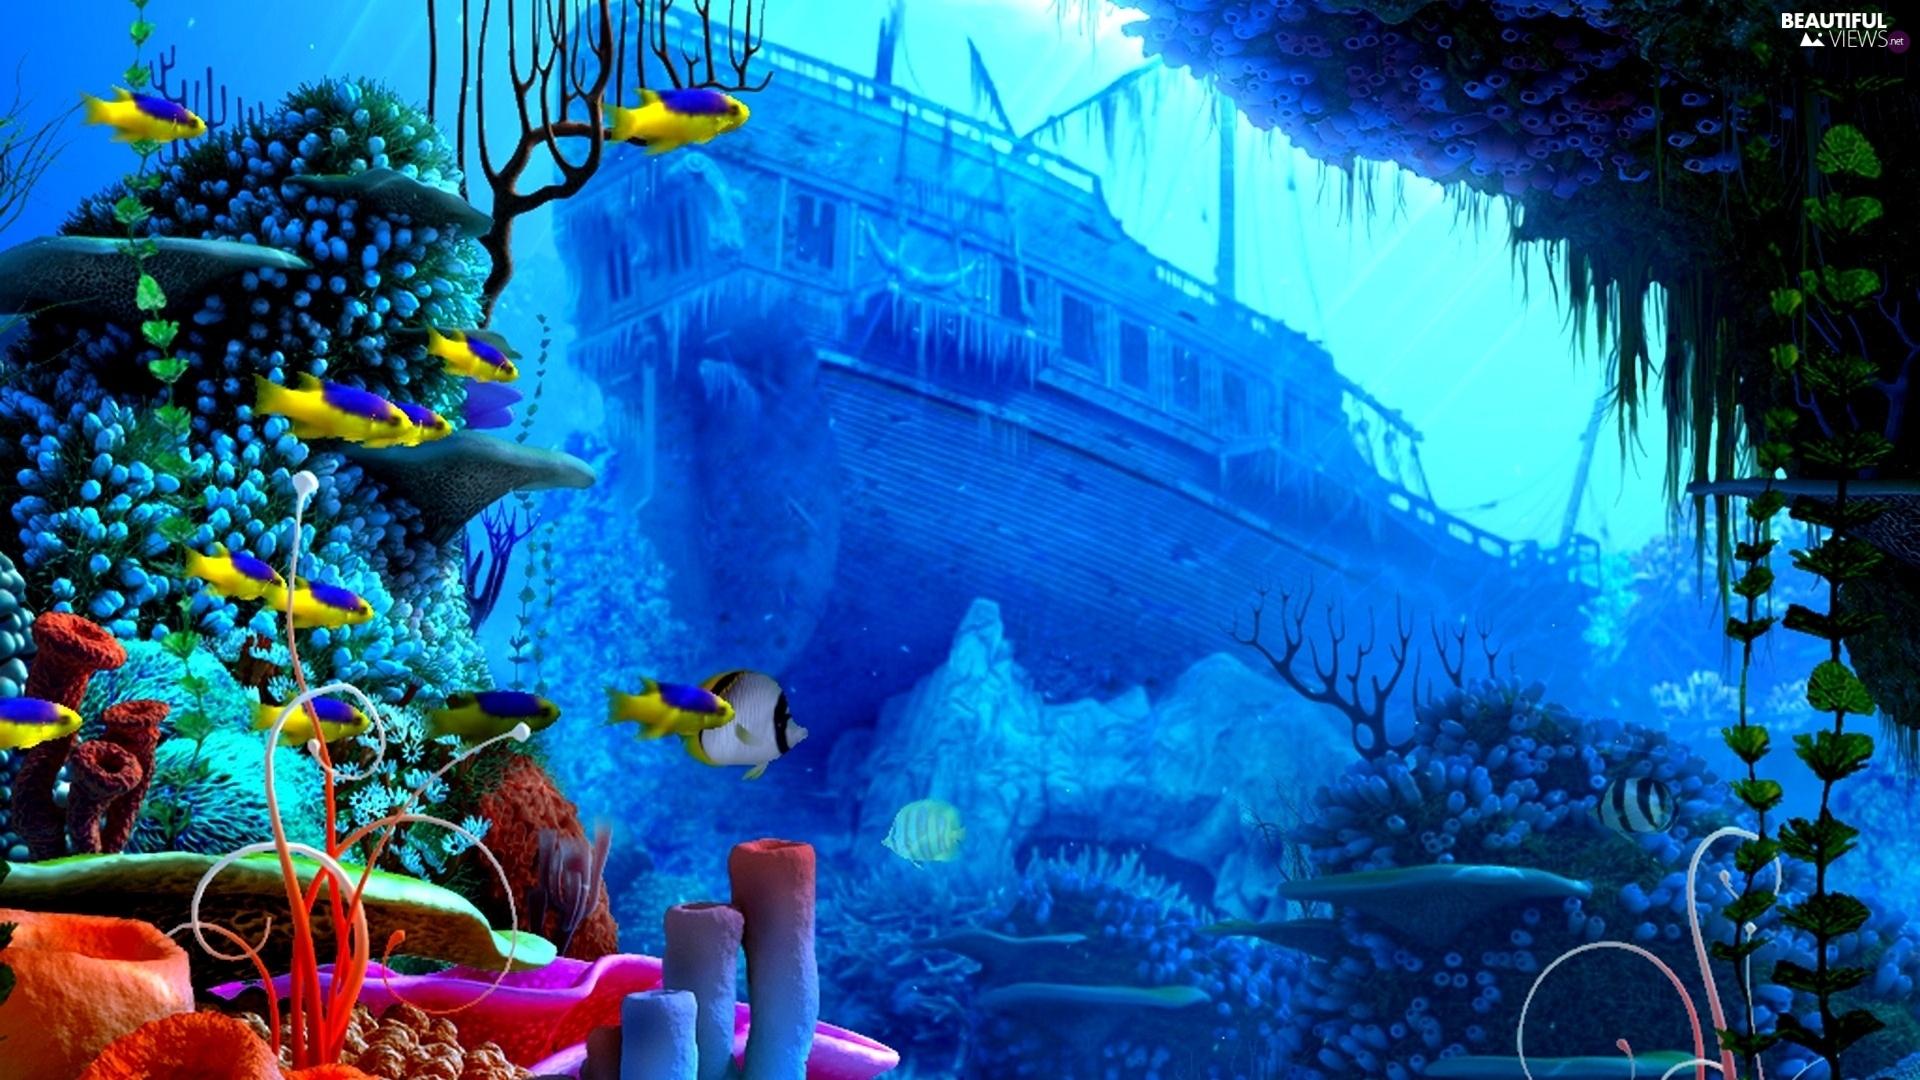 wreck, coral, Ocean, fish, reef - Beautiful views wallpapers ...